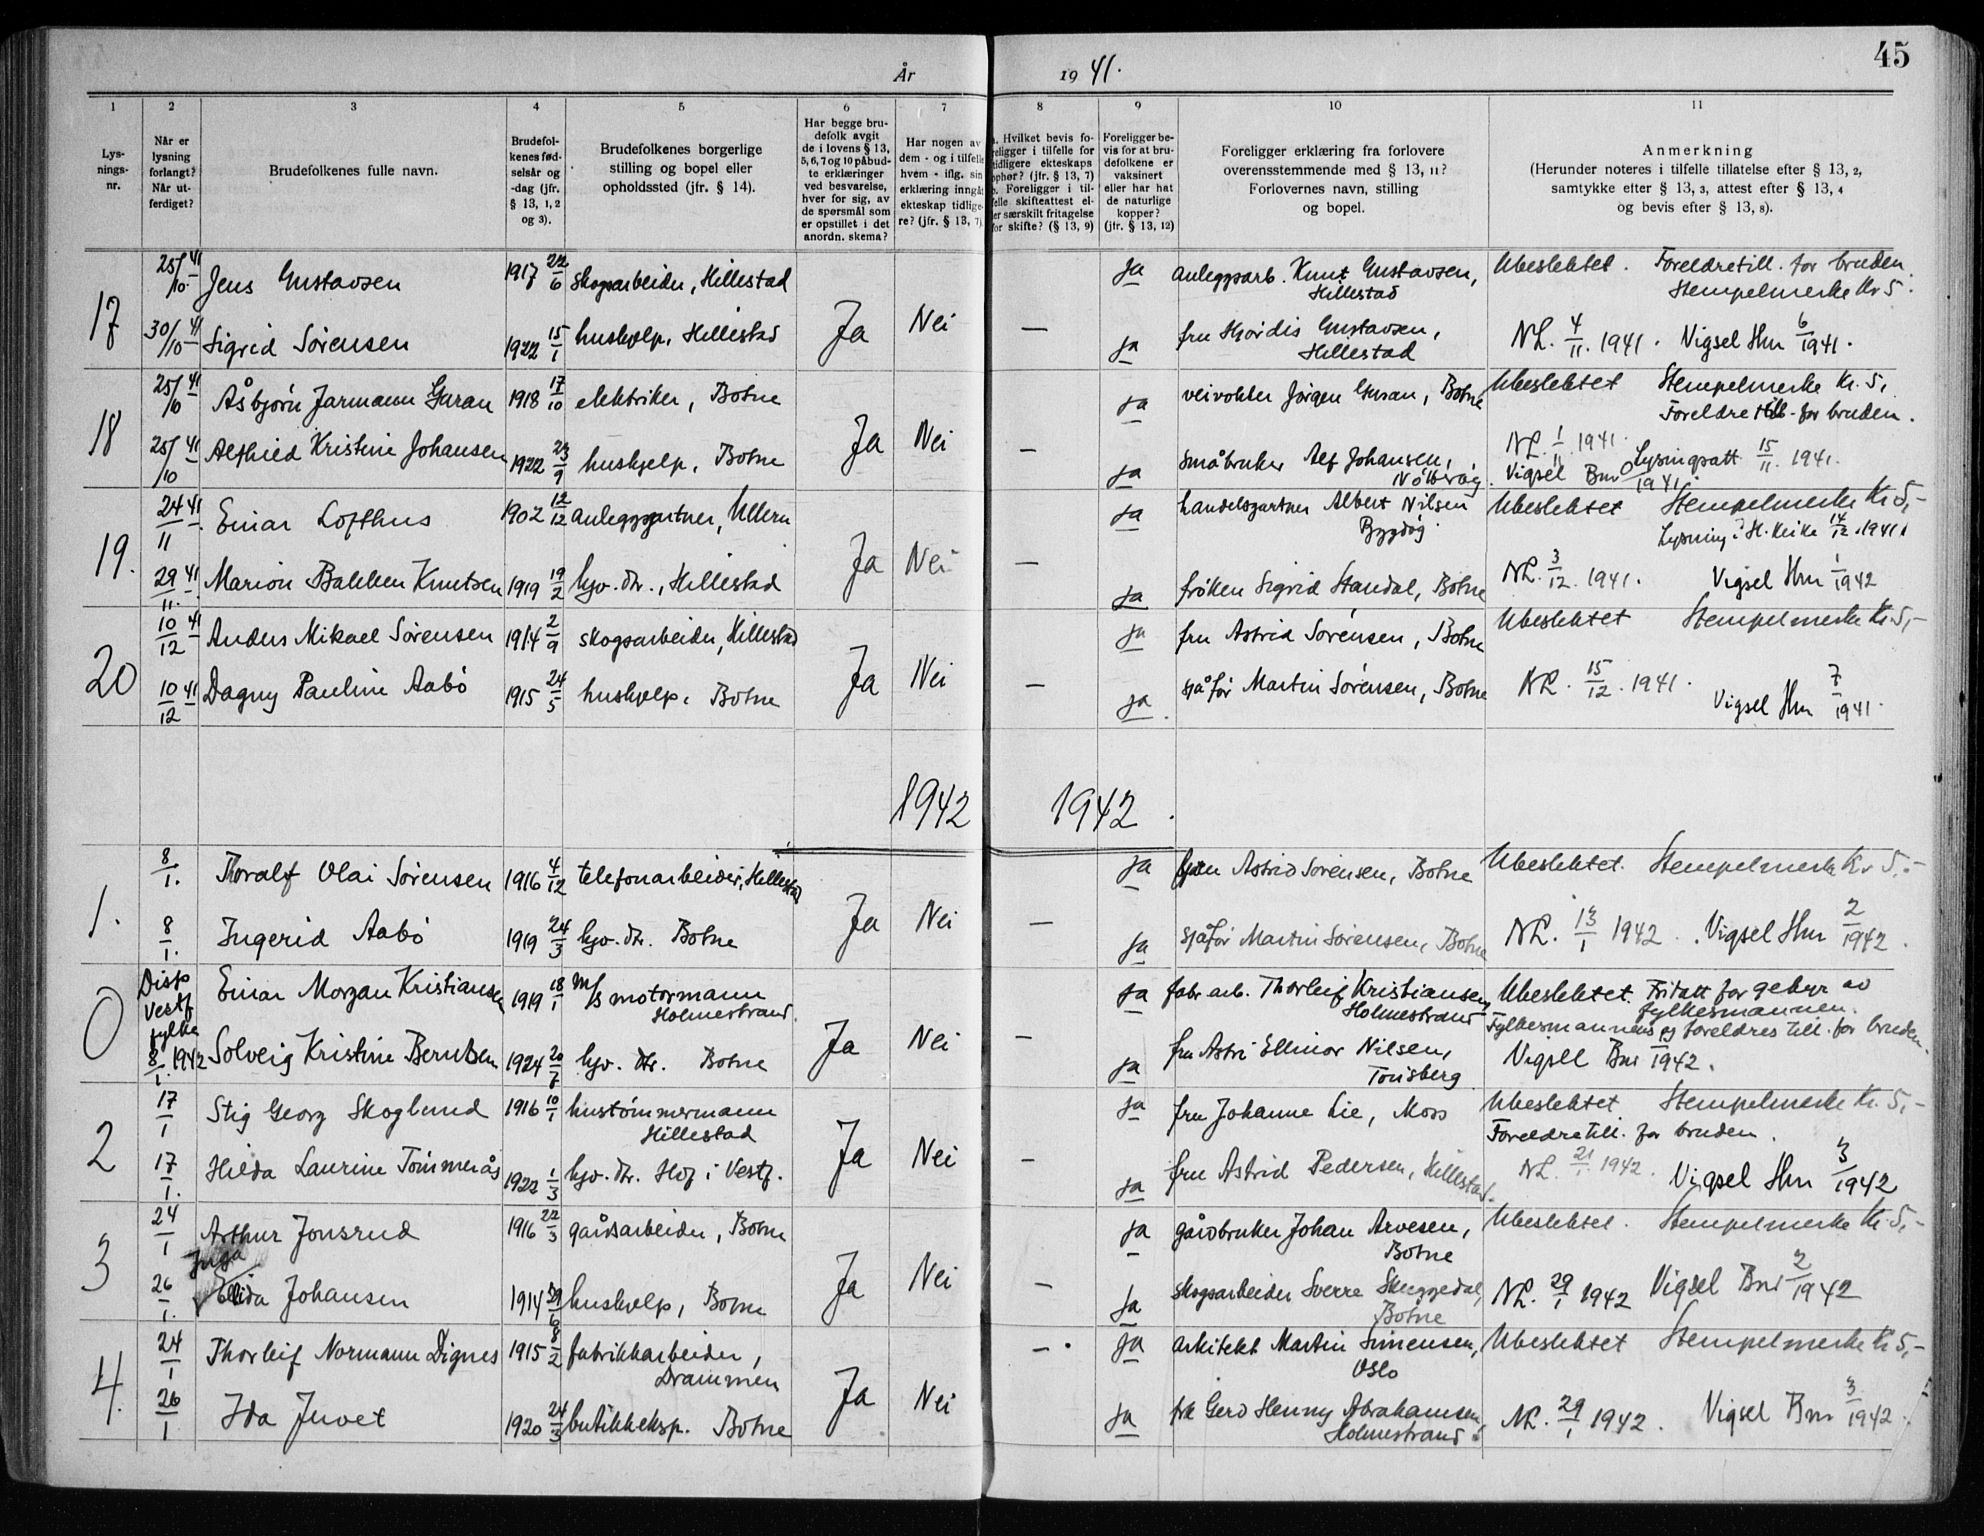 SAKO, Botne kirkebøker, H/Ha/L0001: Lysningsprotokoll nr. 1, 1919-1965, s. 45